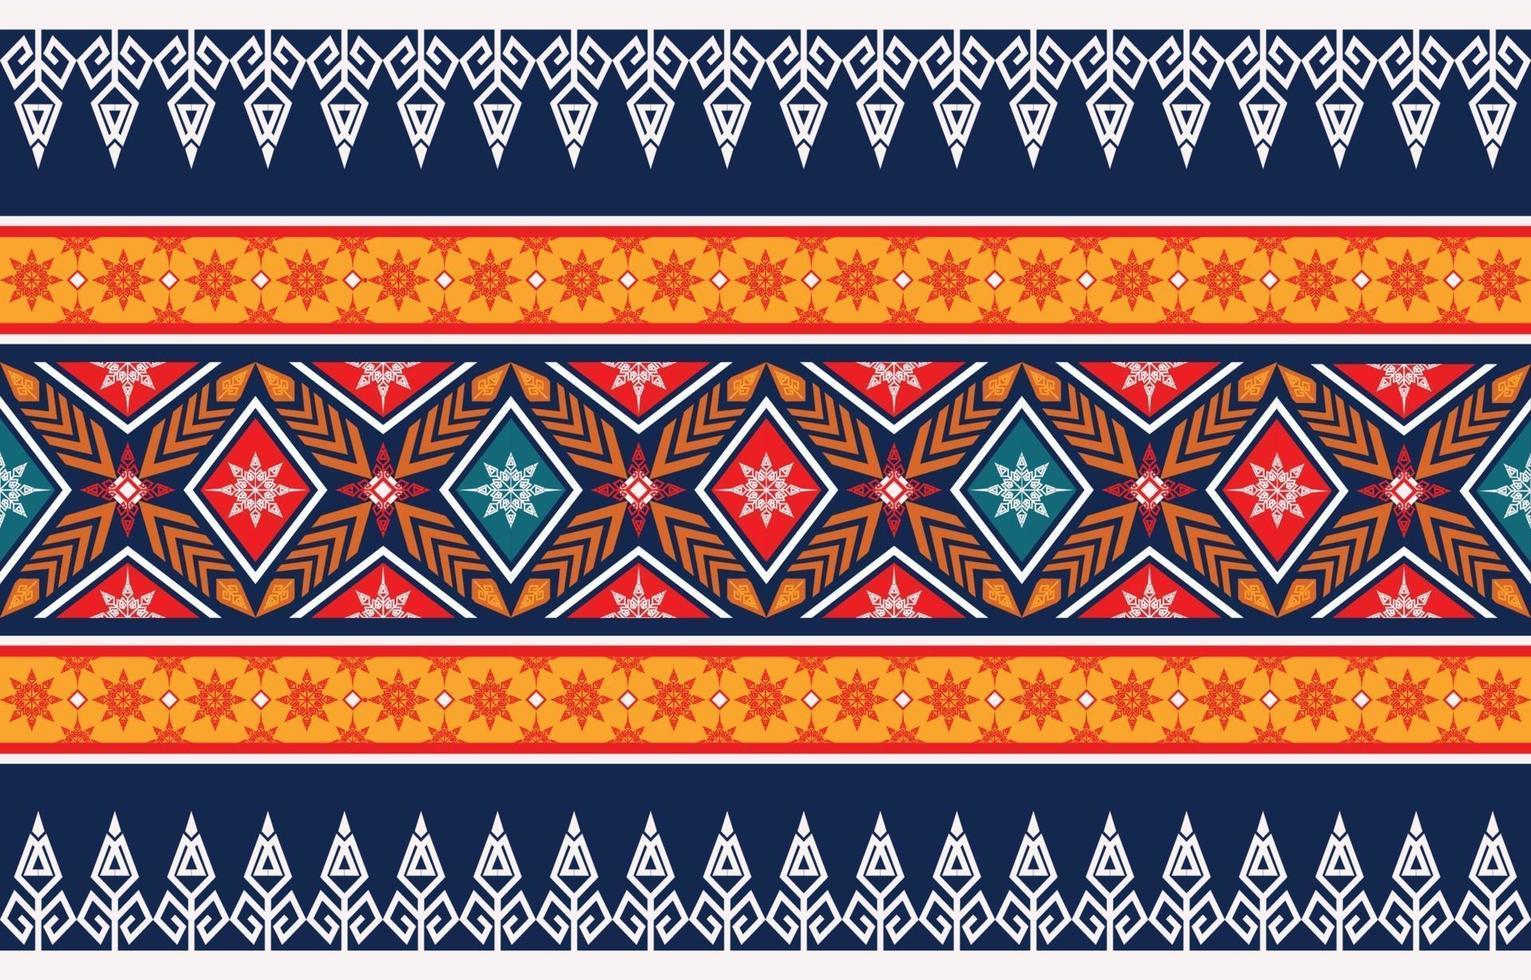 abstrakt etnisk geometrisk mönster design för bakgrund vektor